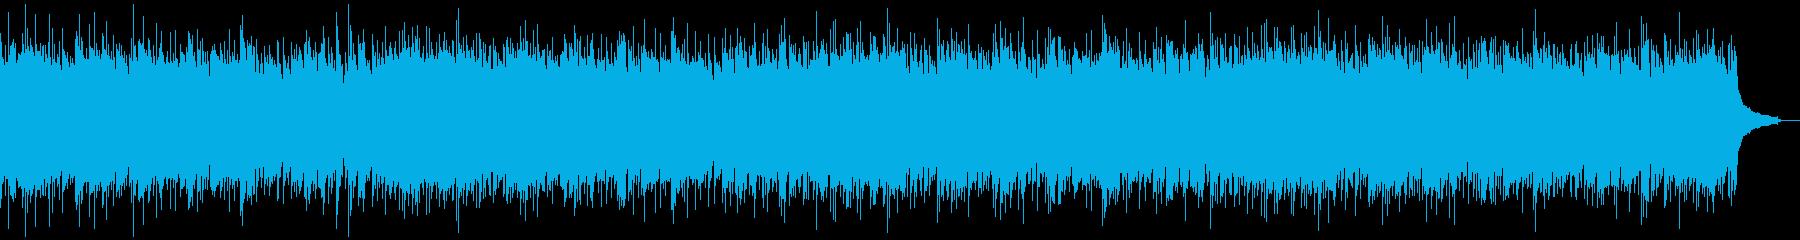 少しもの悲しい感じのするアコギBGMの再生済みの波形